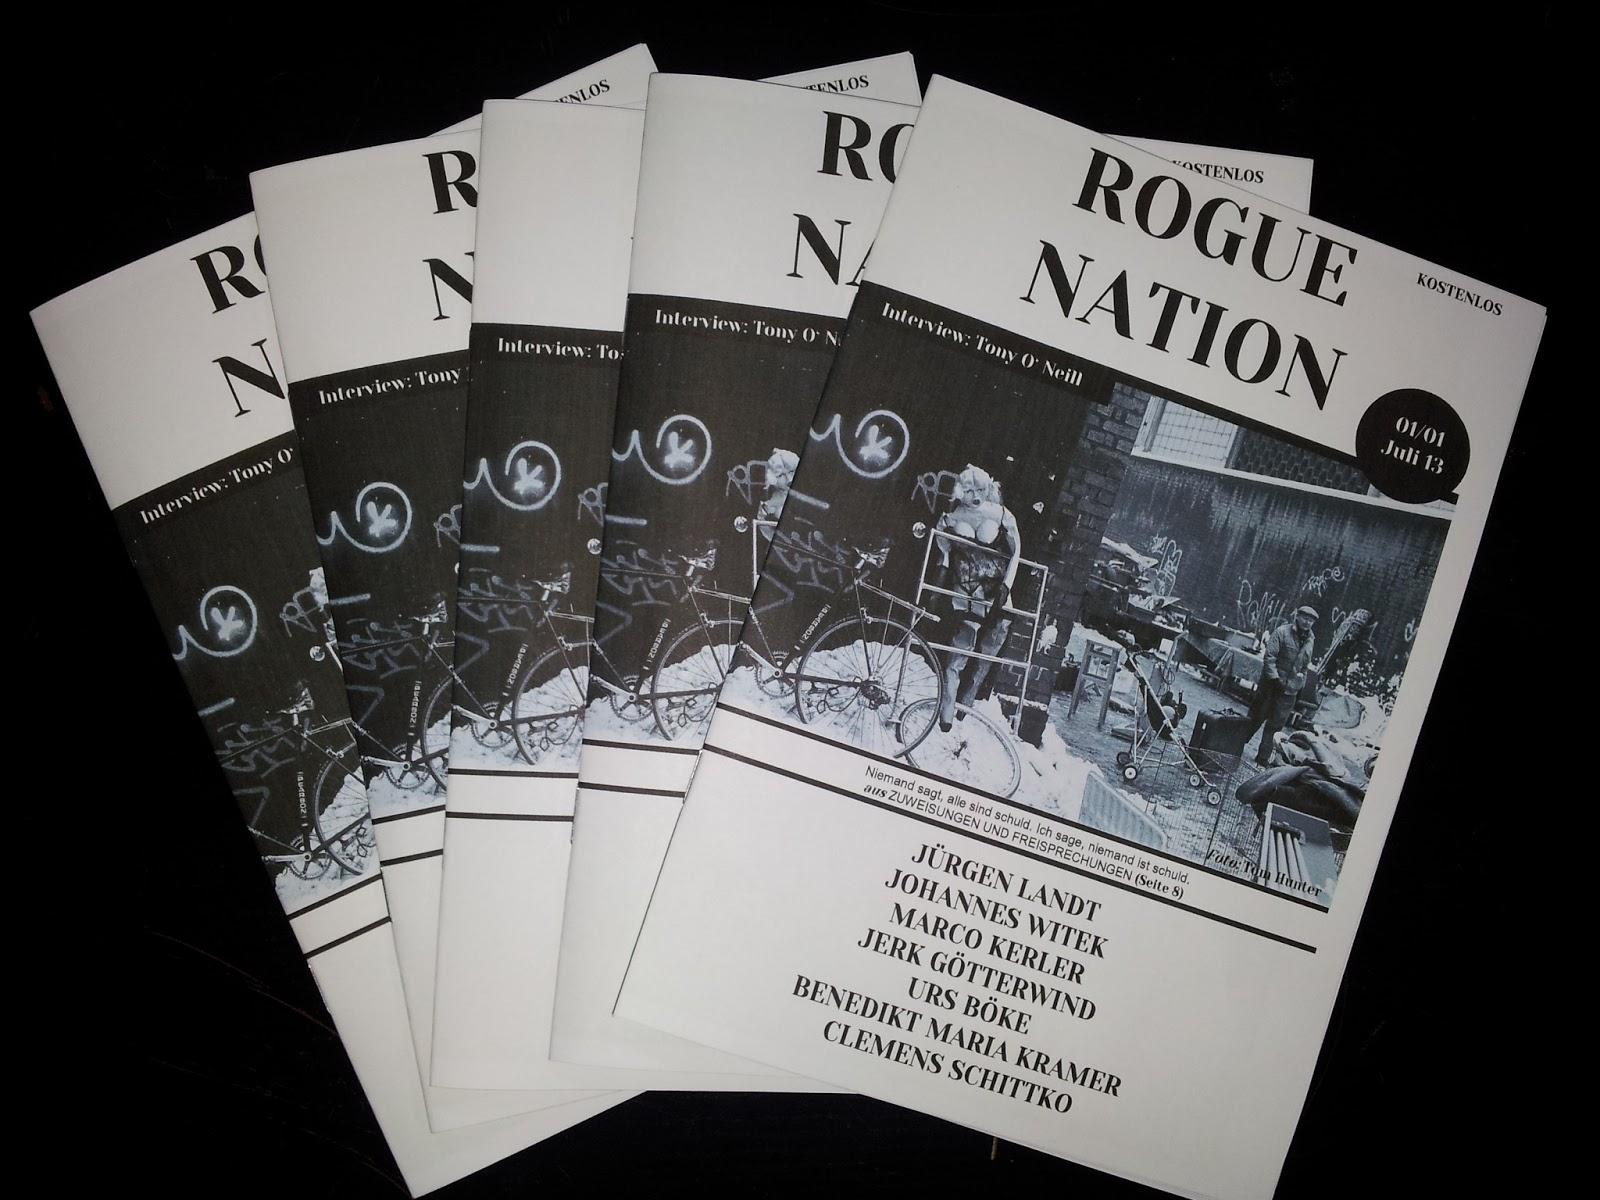 Rogue Blogue Juni 2013